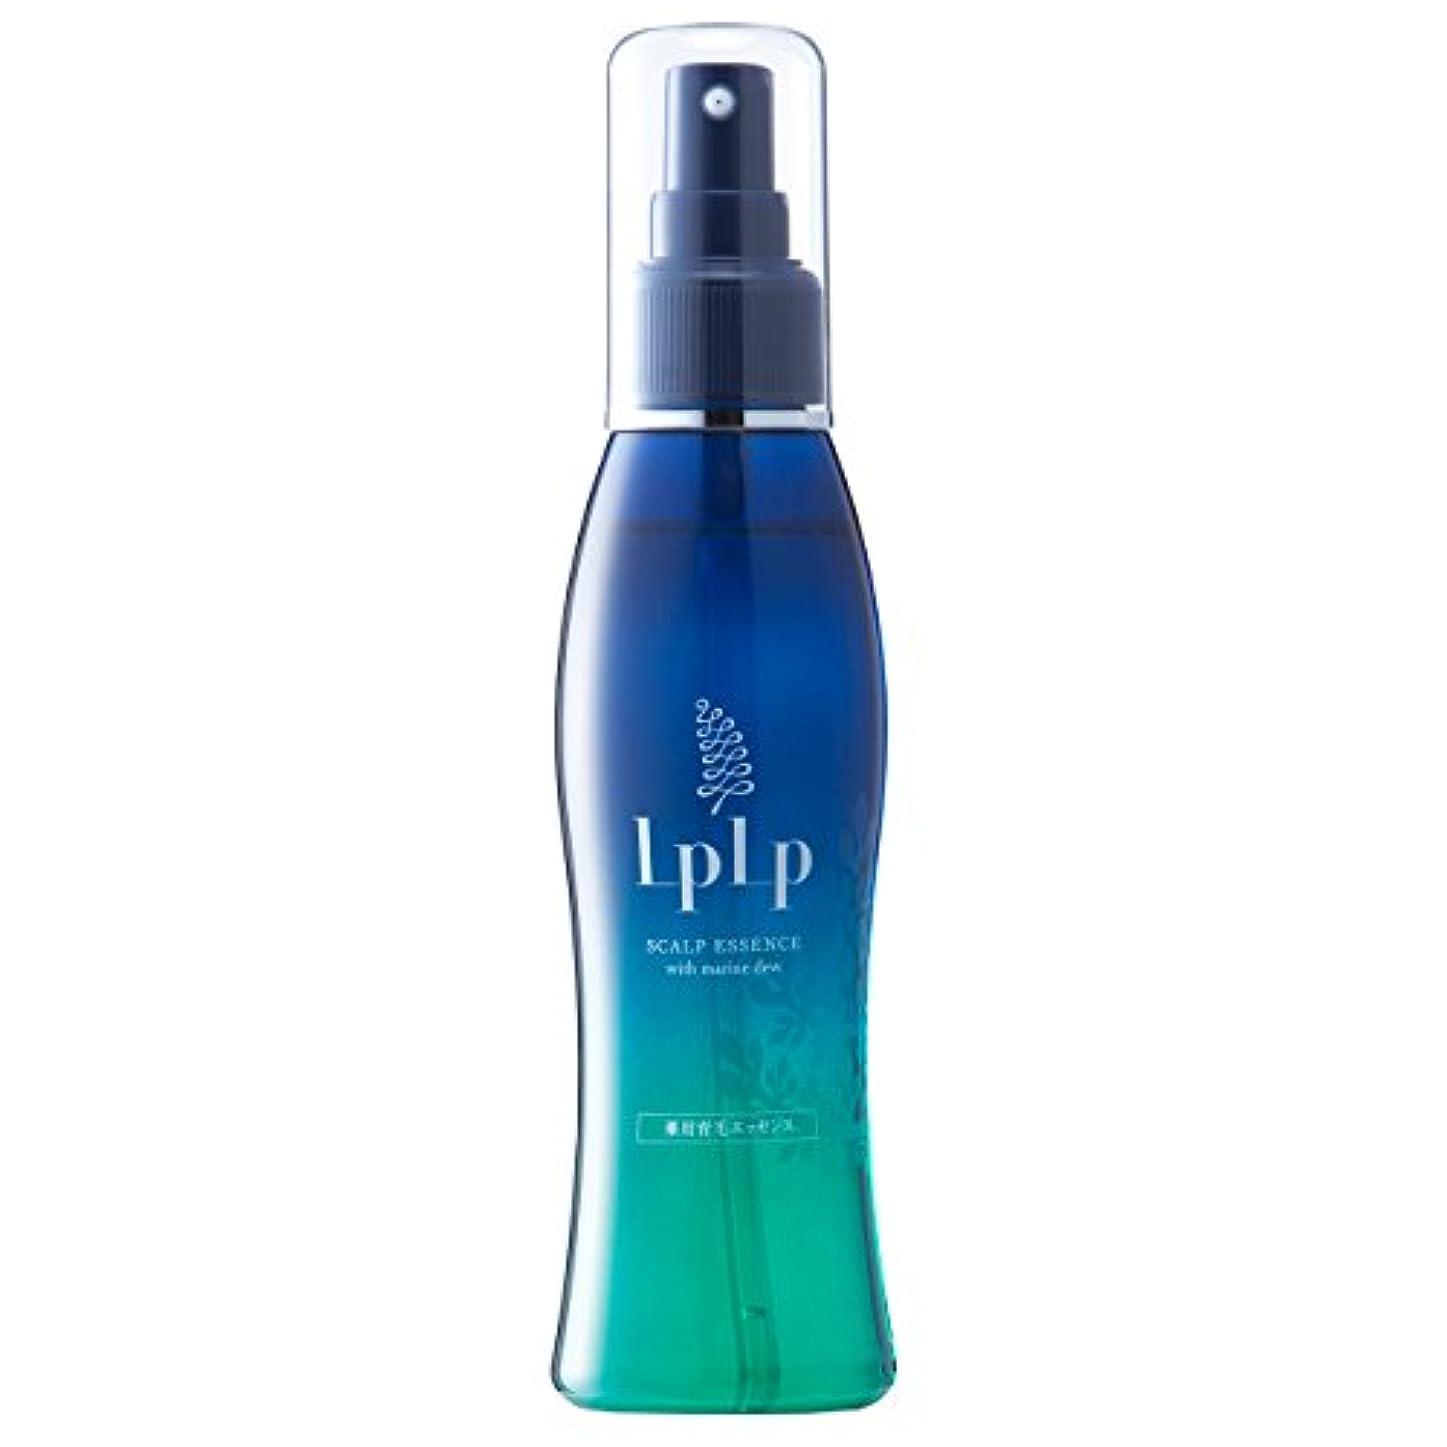 講義応答侵略LPLP(ルプルプ) 薬用育毛エッセンス 150ml (医薬部外品)